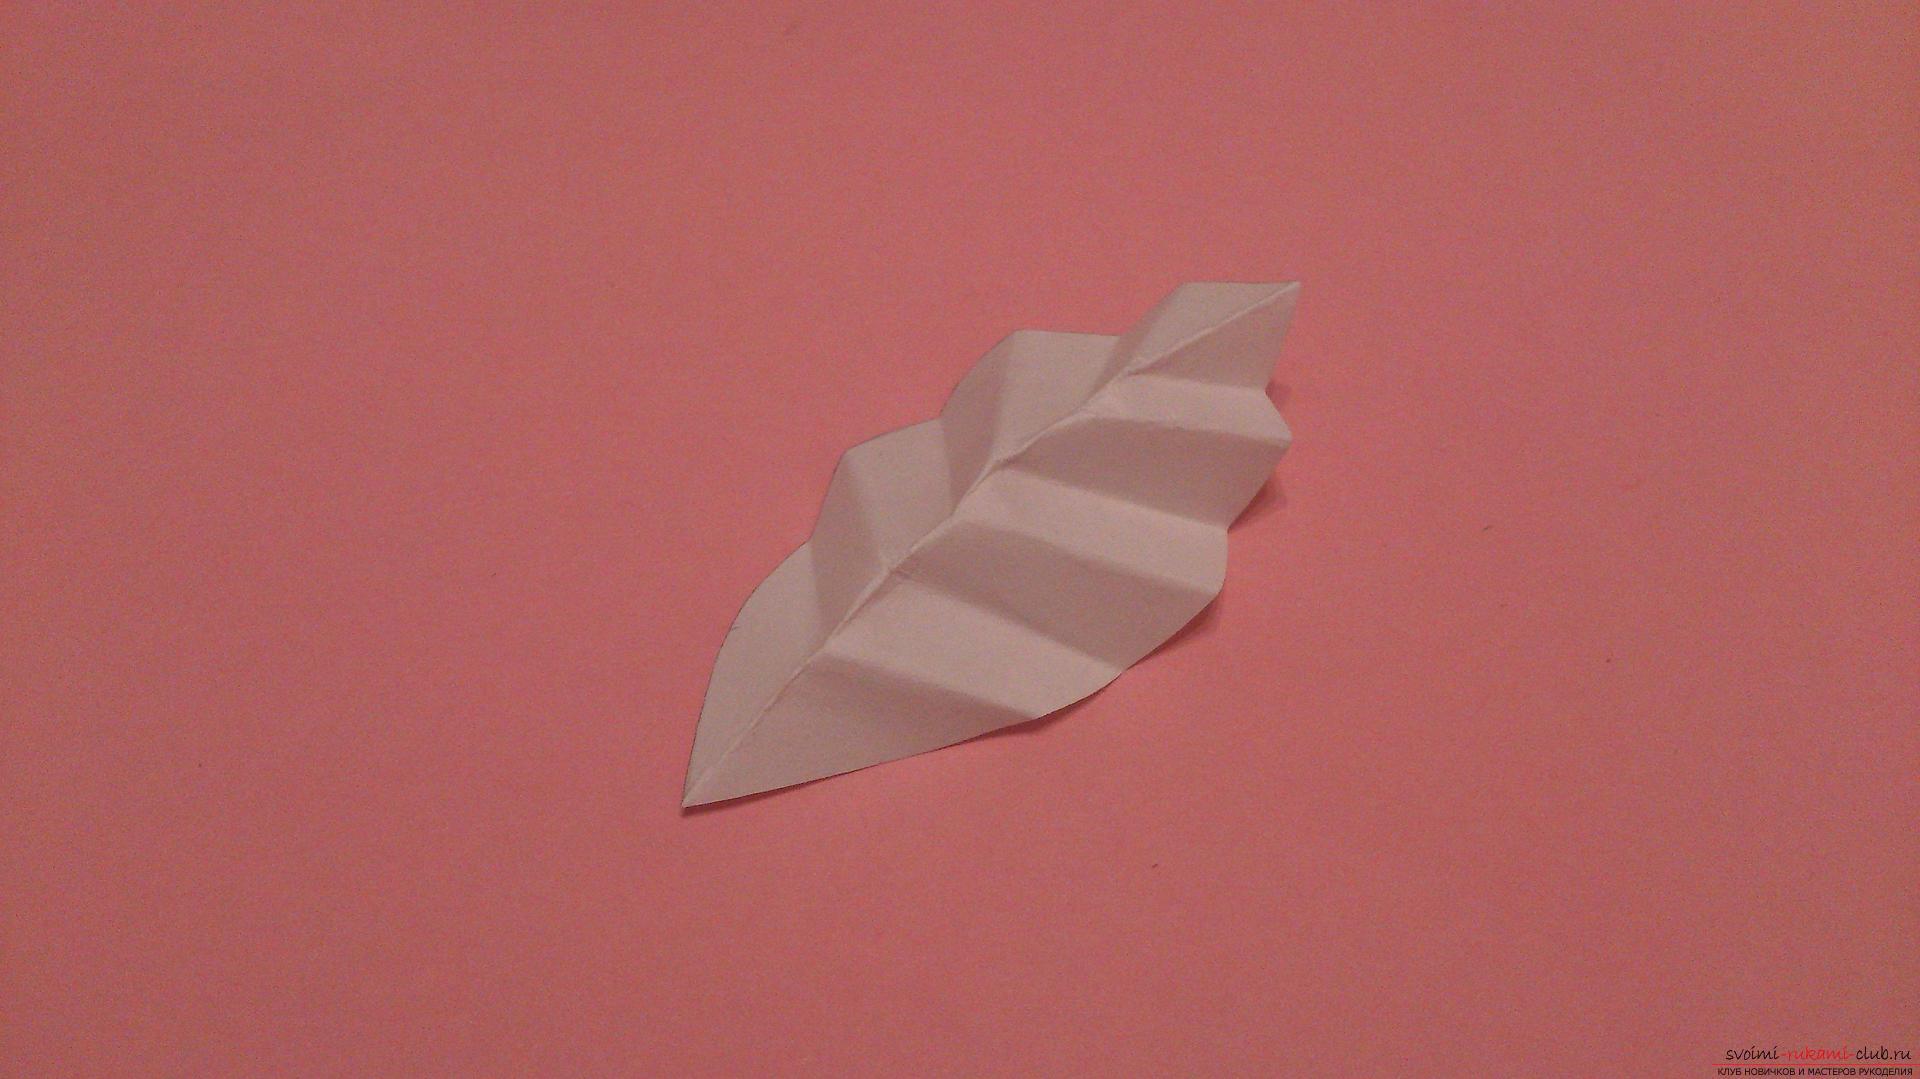 Поделки в технике бумагопластики очень разнообразны, предлагаем сделать картину из цветов, а цветы из бумаги изготовим своими руками.. Фото №23